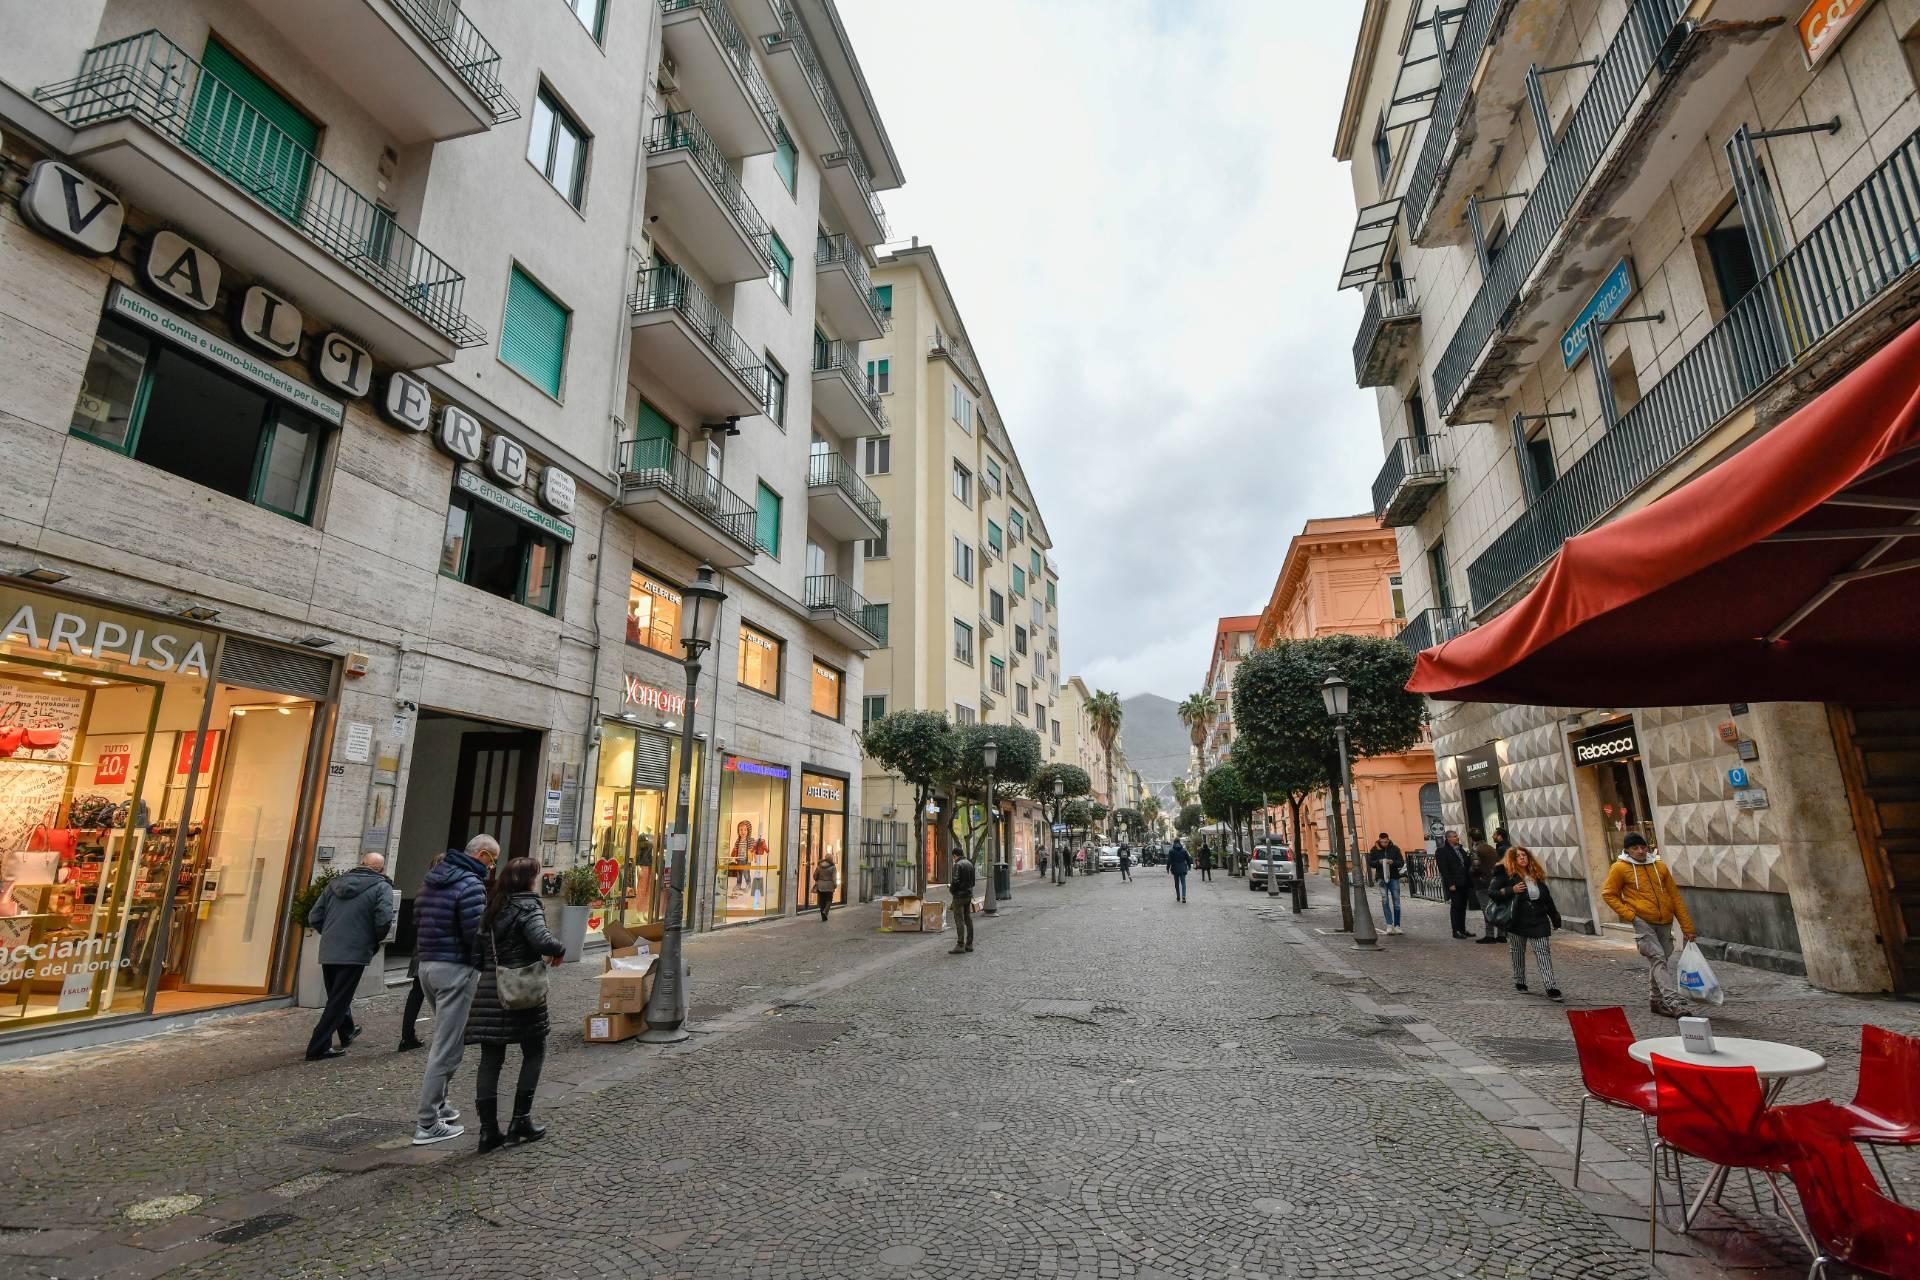 Appartamento in vendita a Salerno, 5 locali, zona Zona: Centro, prezzo € 695.000 | CambioCasa.it